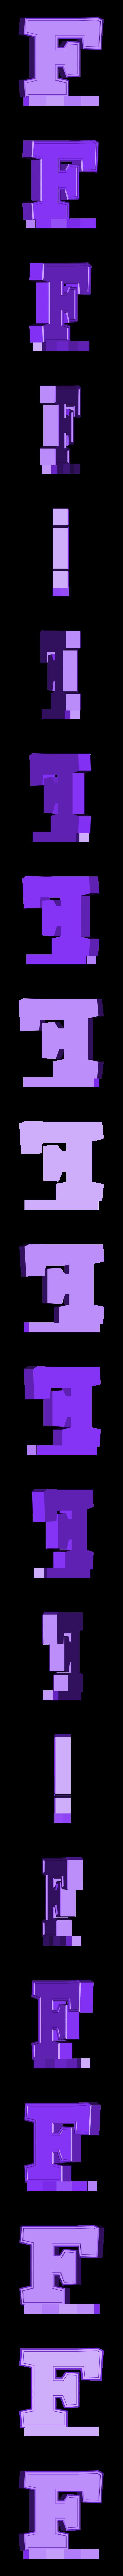 Stocking_hangers_F.stl Télécharger fichier STL gratuit Cintres de bas de parapet • Objet pour imprimante 3D, tone001